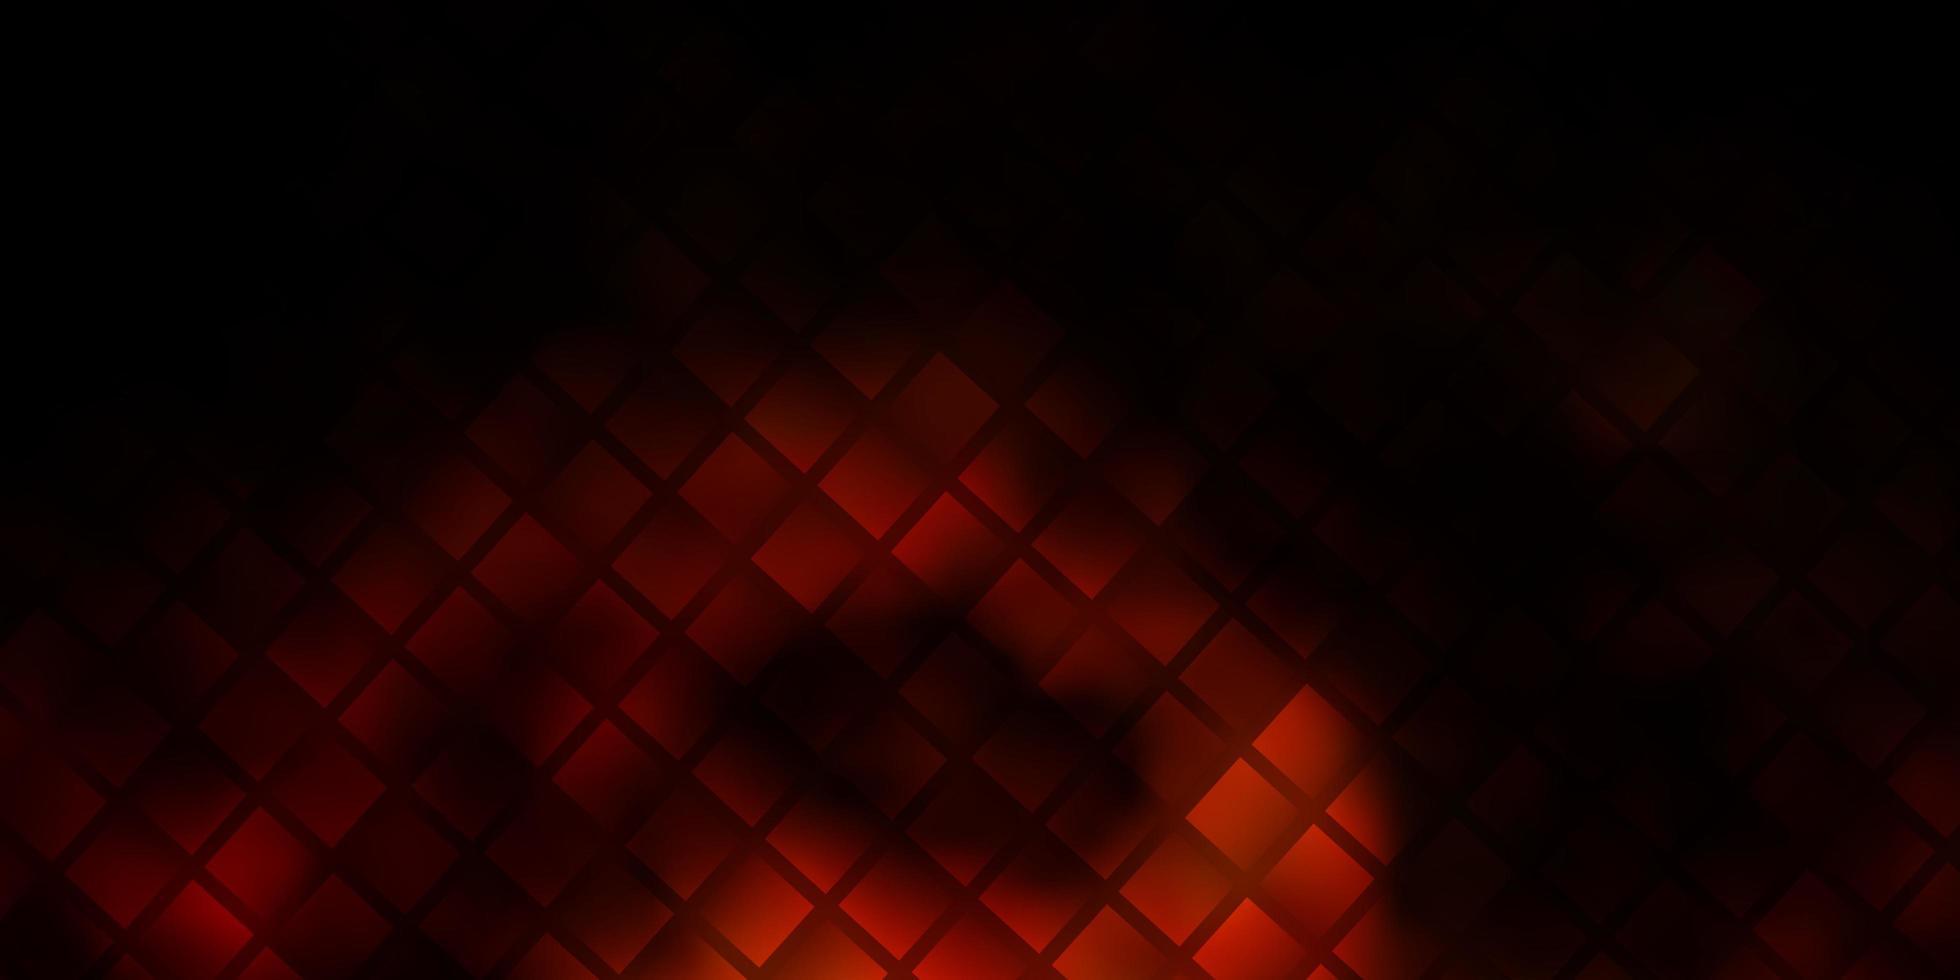 donkerrode achtergrond met rechthoeken. vector